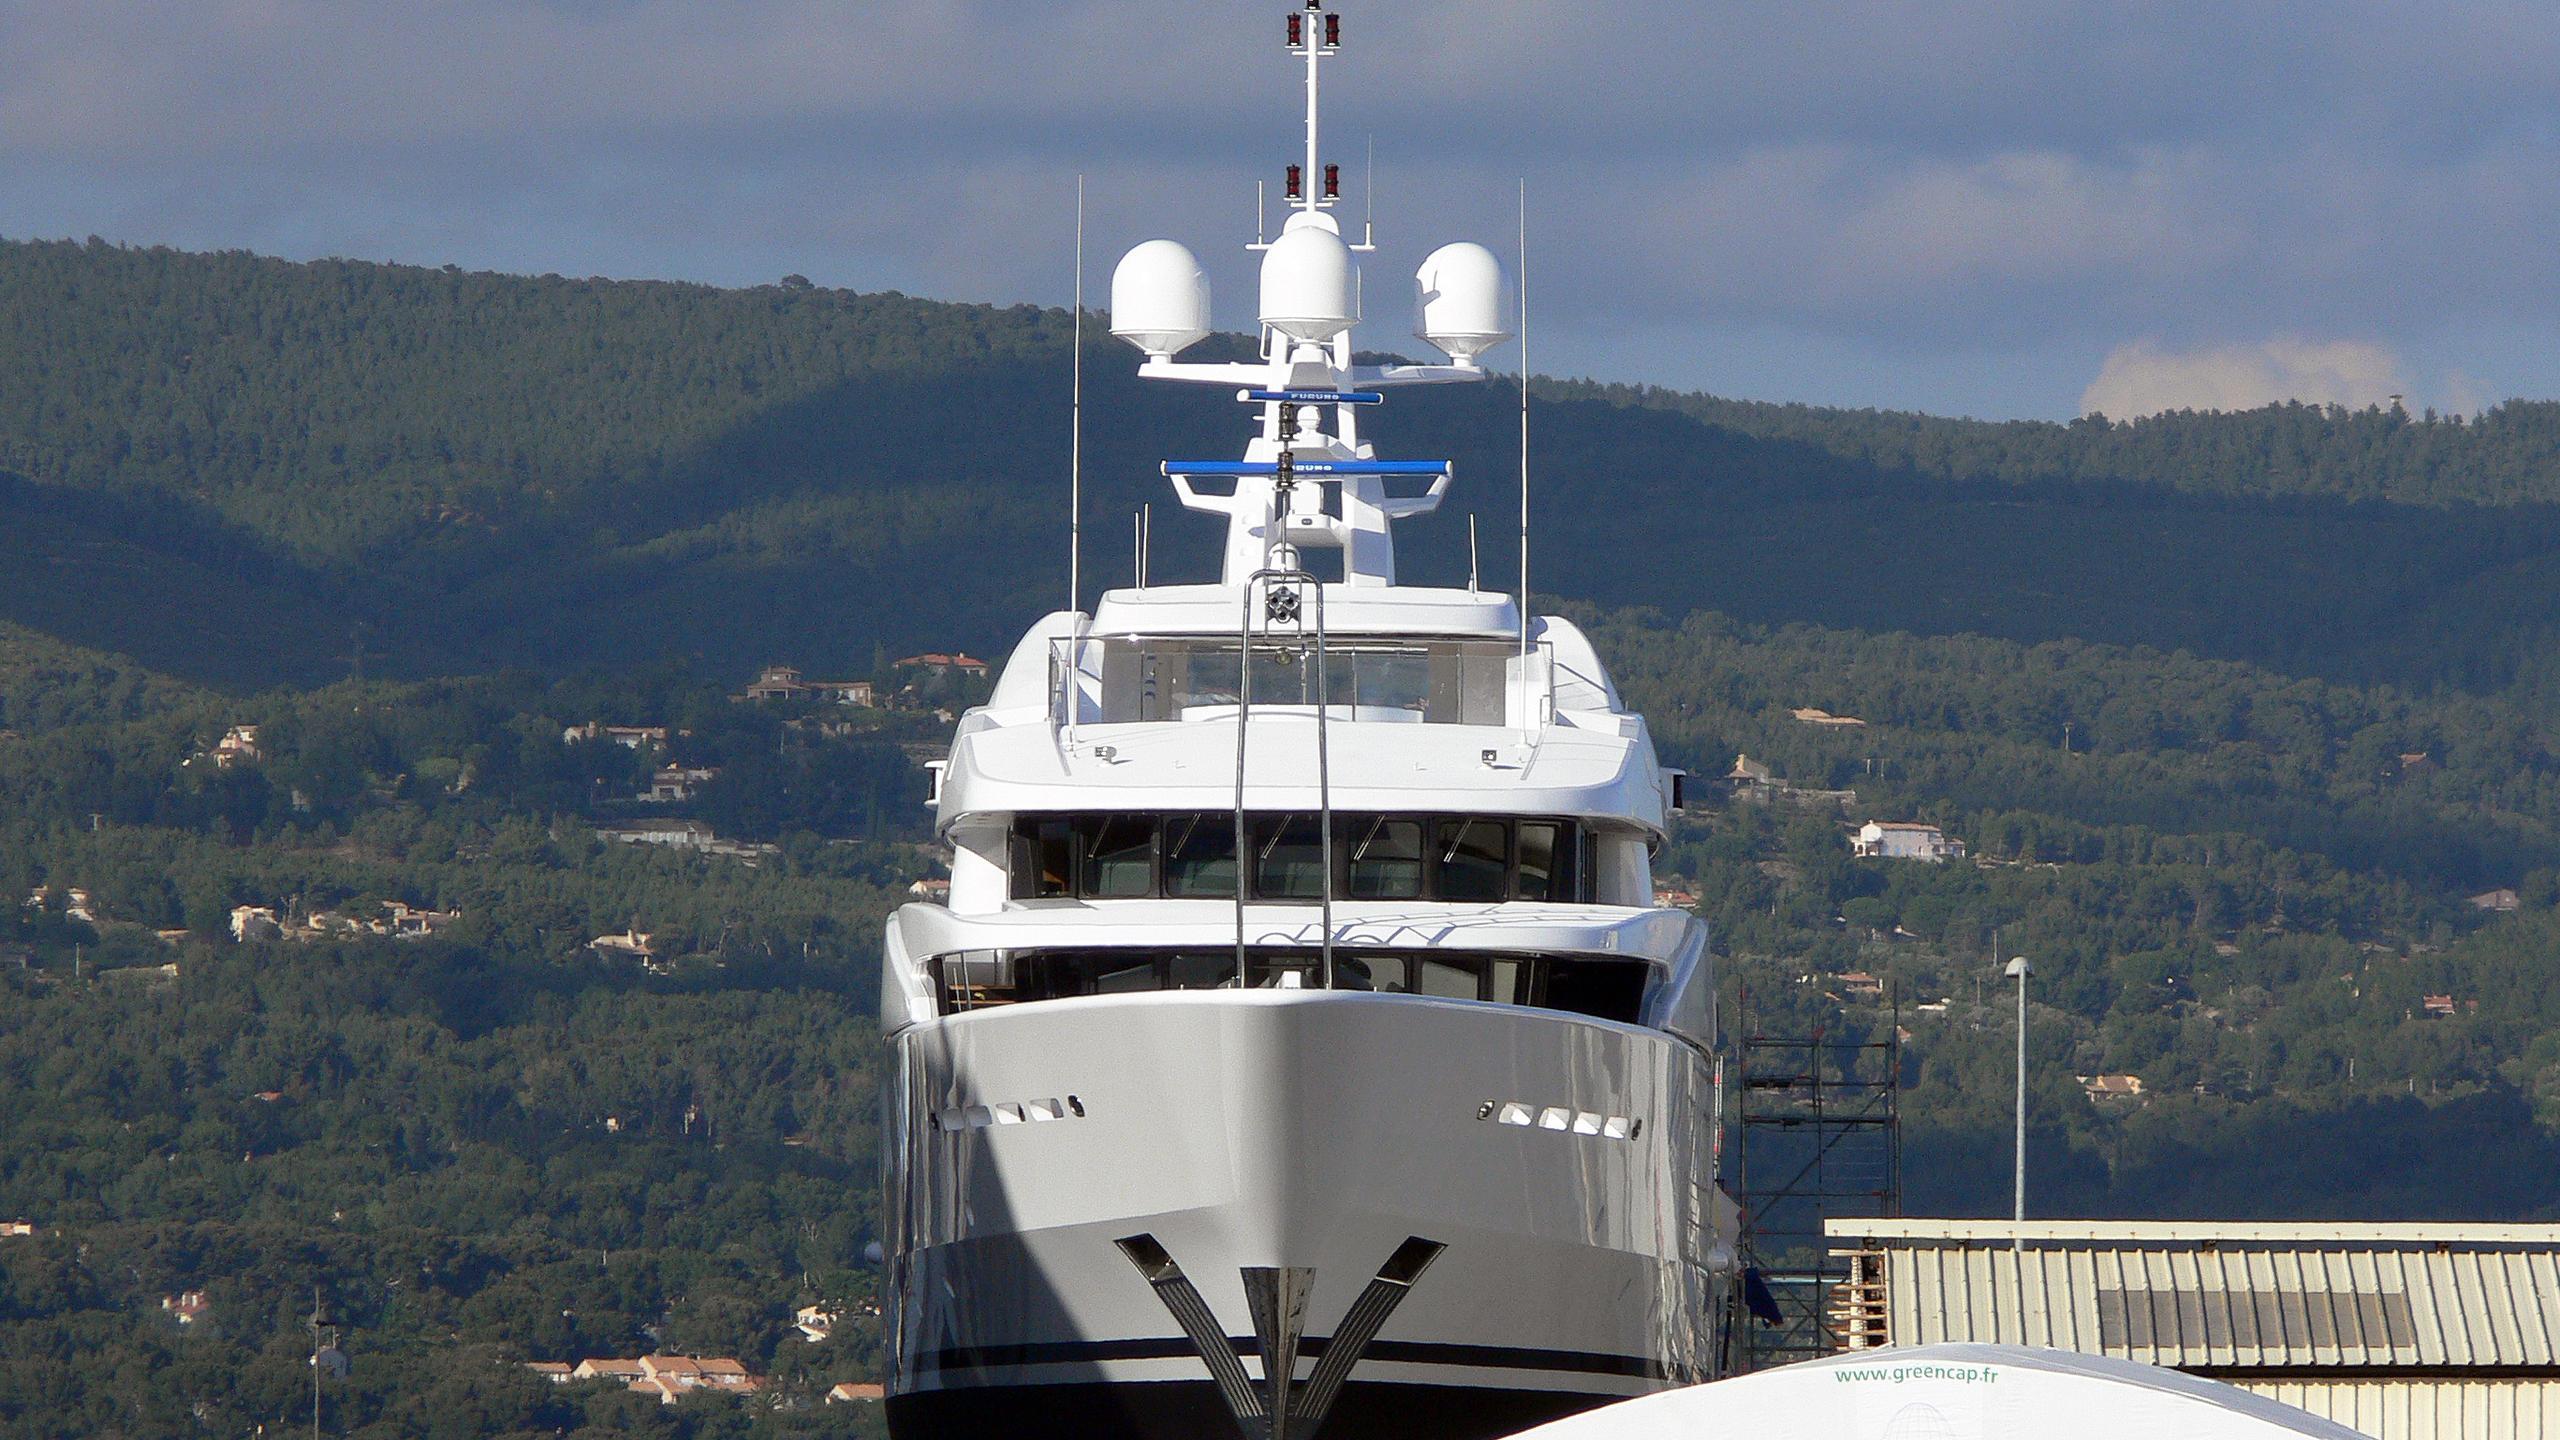 netanya-8-motor-yacht-cmn-2007-58m-bow-shipyard